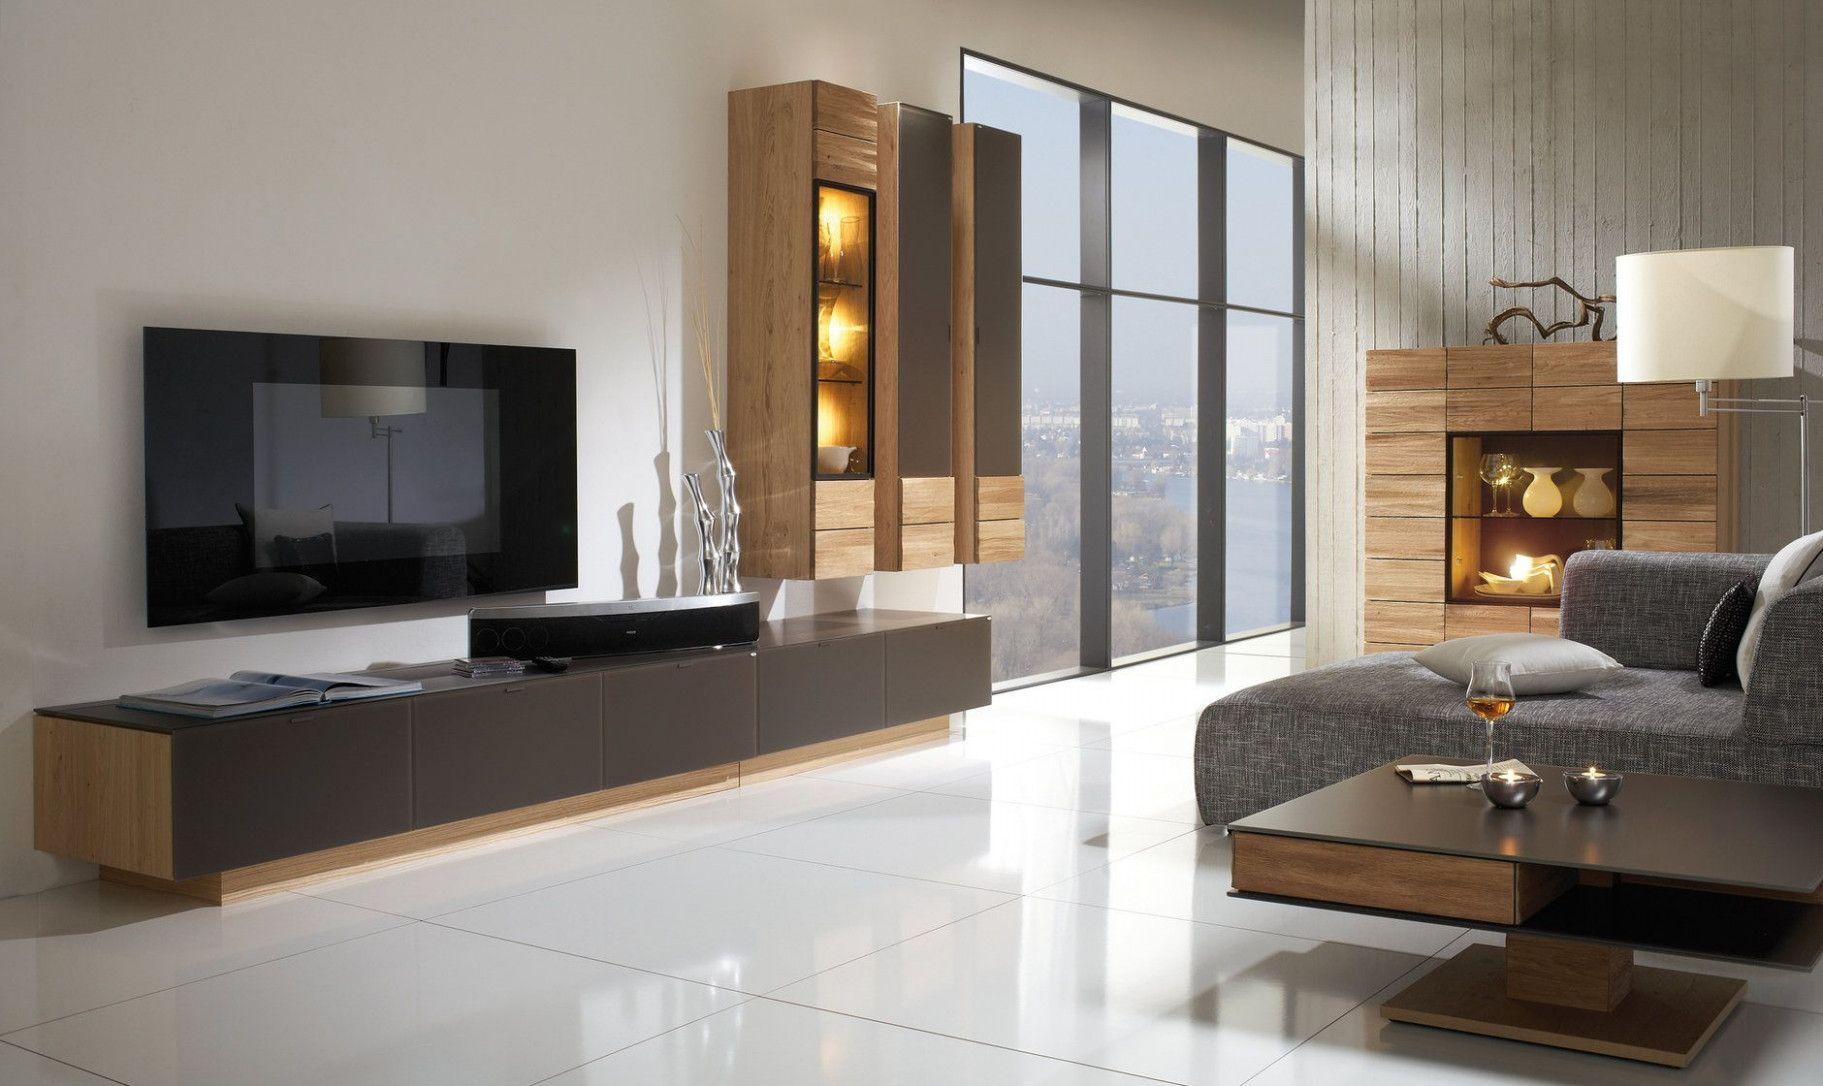 6 Wohnzimmerschrank Leiner in 6  Wohnzimmermöbel